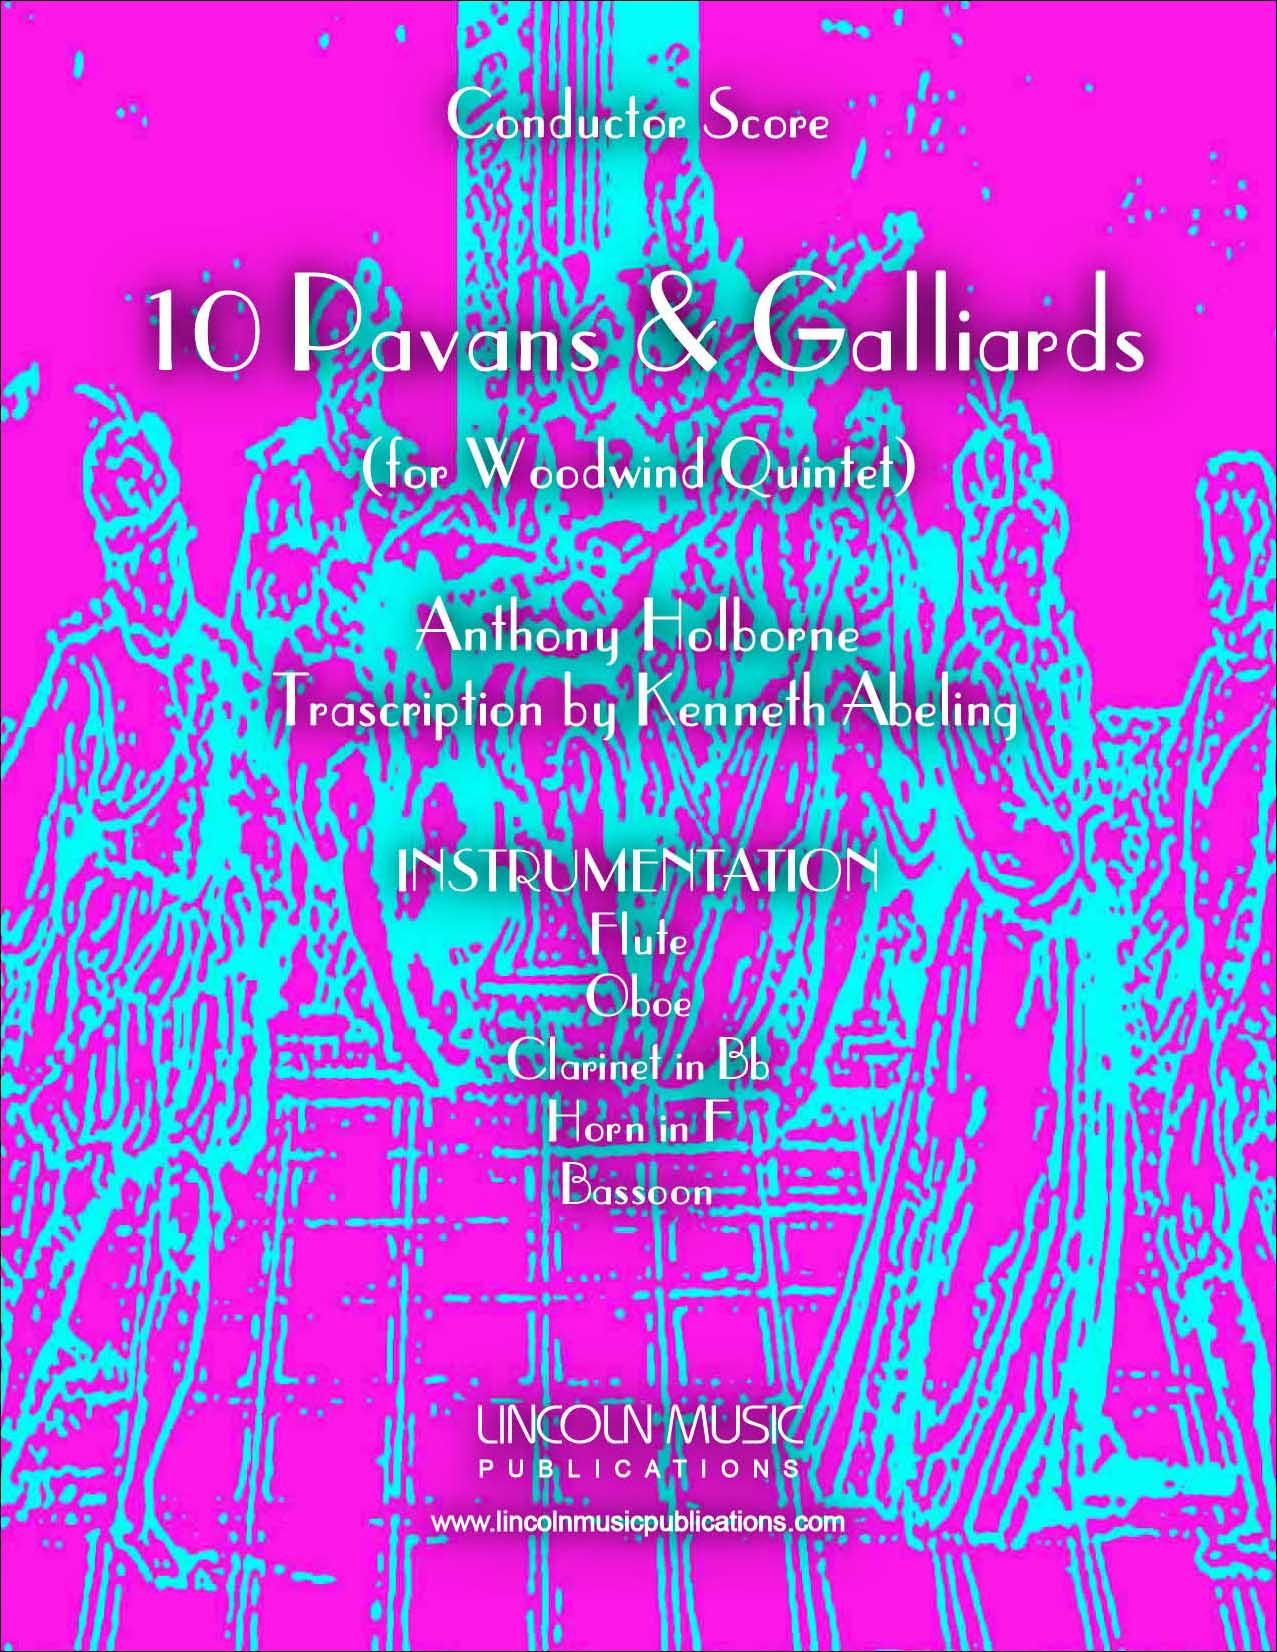 10 Pavans & Galliards